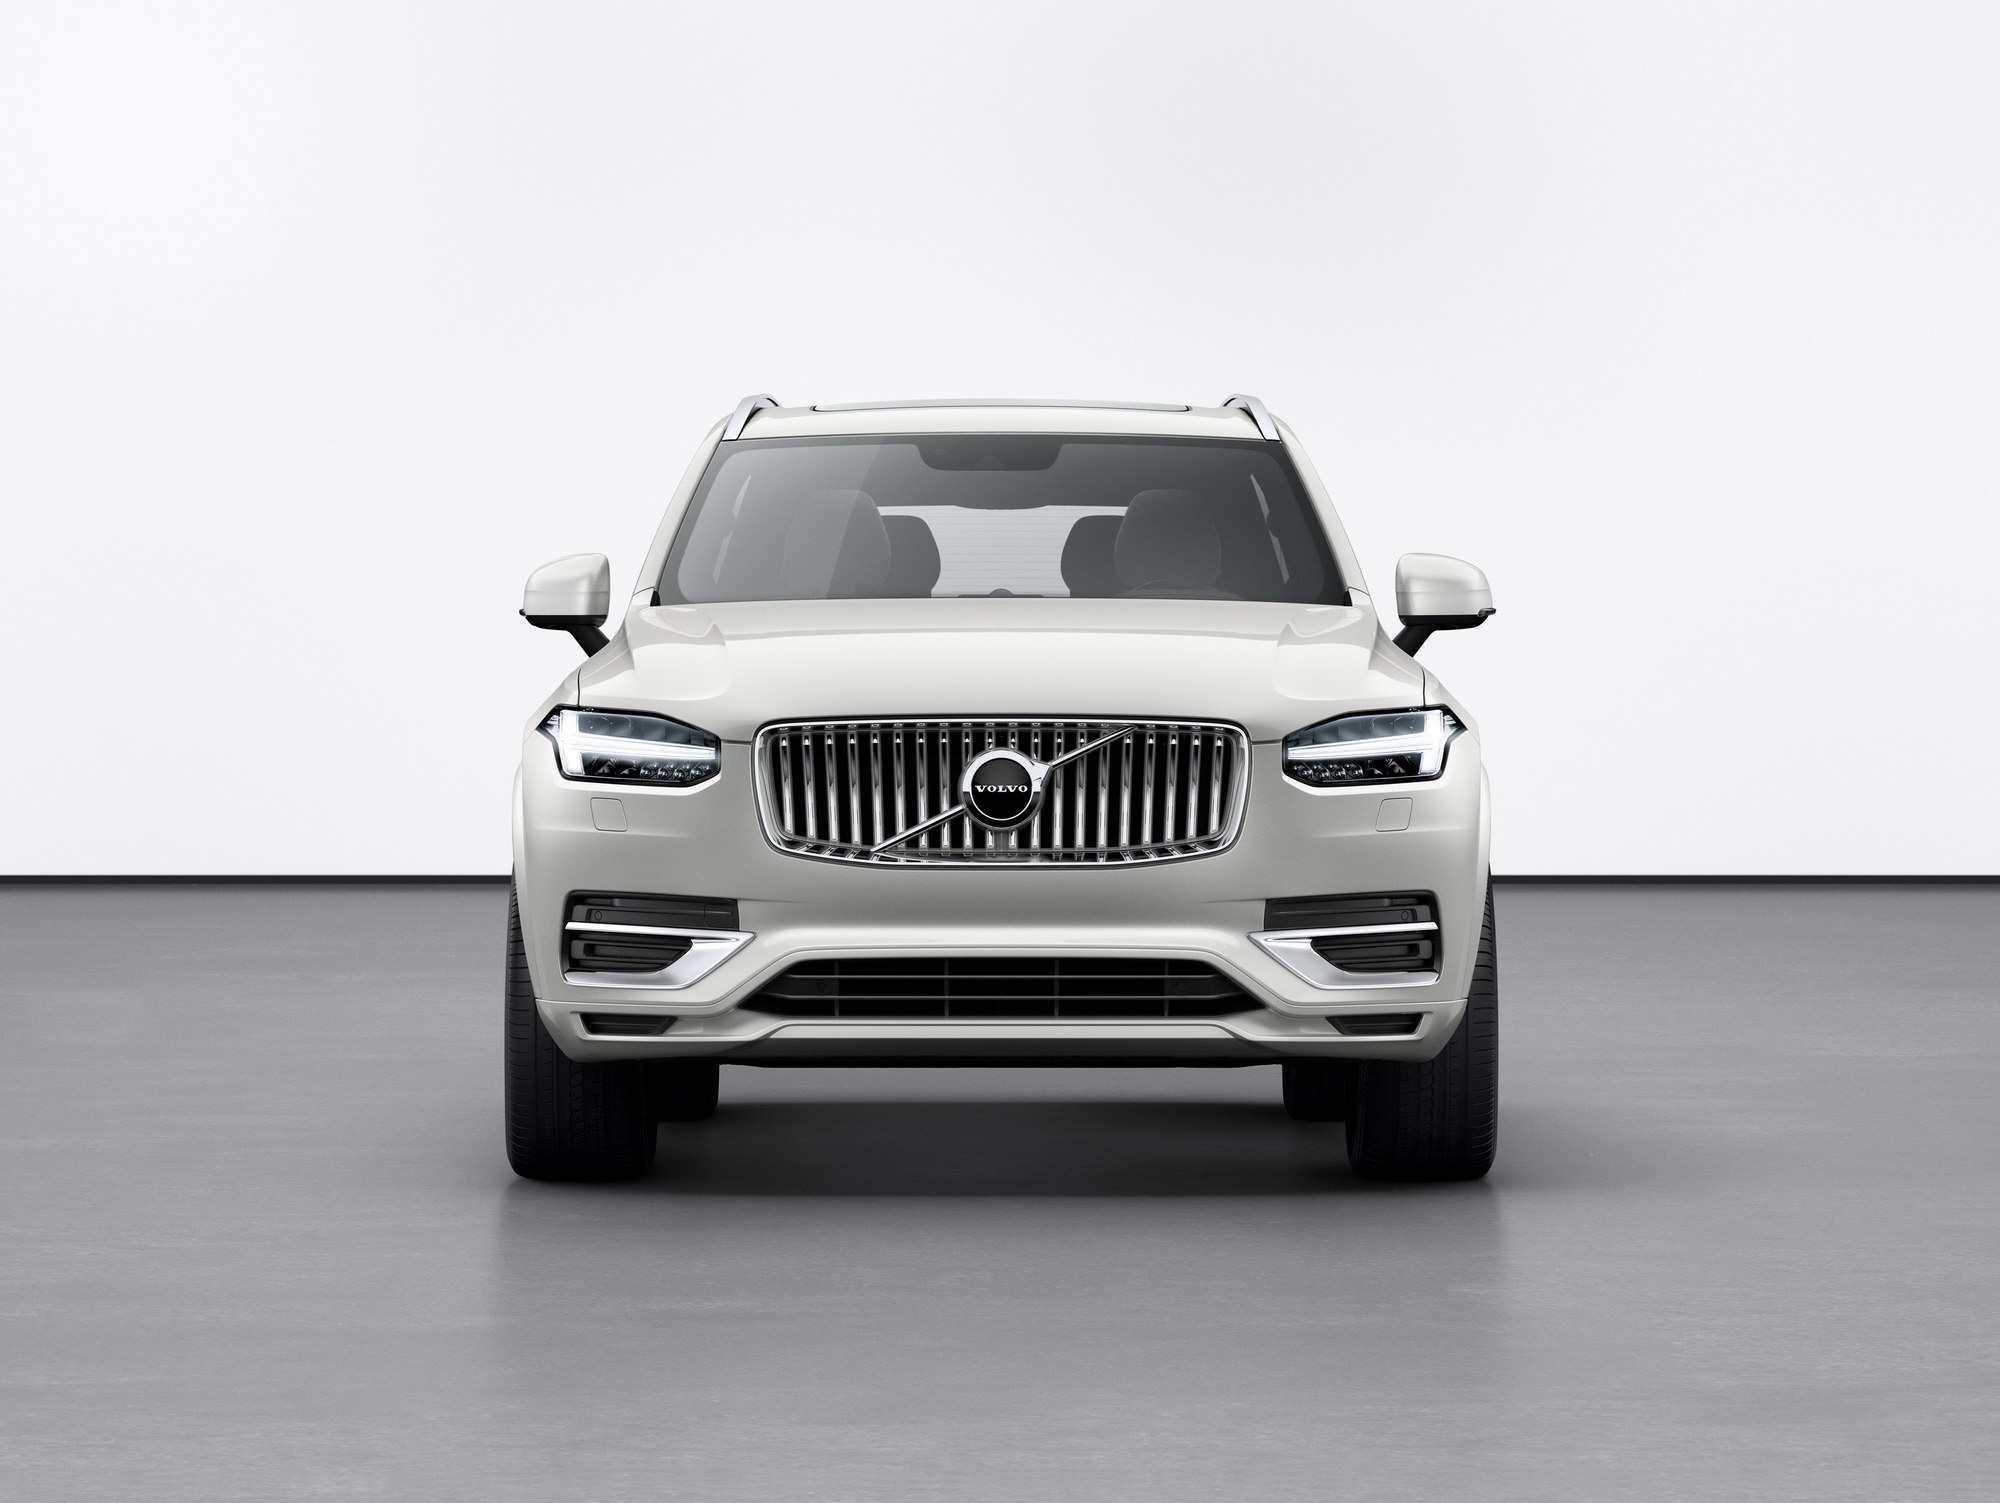 67 Gallery of Volvo V60 Laddhybrid 2020 Performance and New Engine for Volvo V60 Laddhybrid 2020